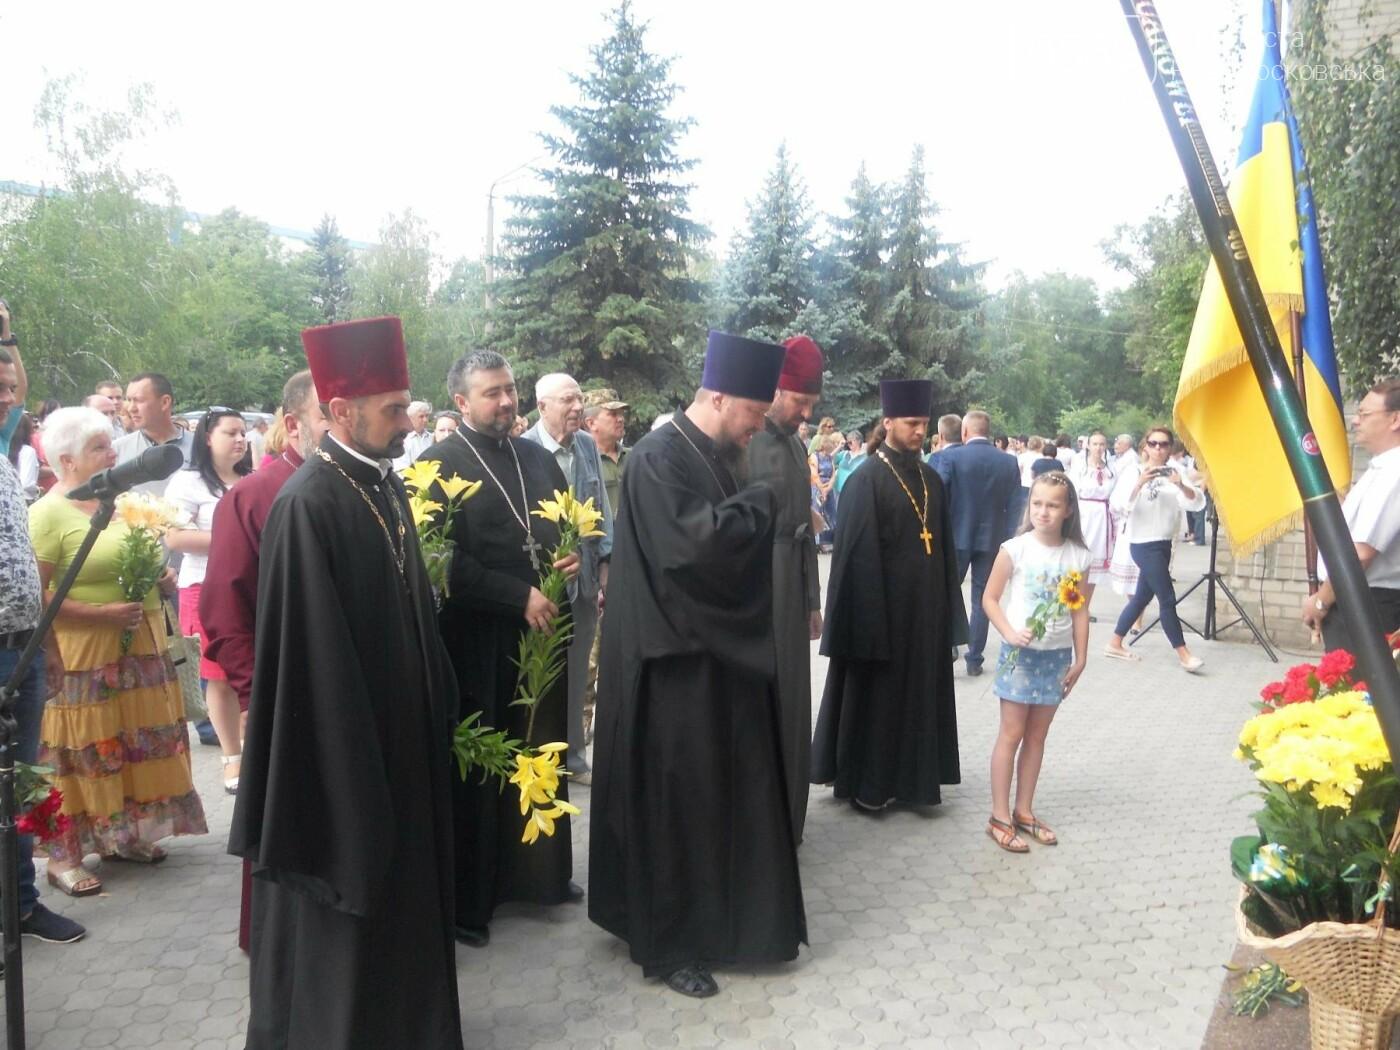 У Новомосковську пройшли урочистості з нагоди Дня Конституції України, фото-7